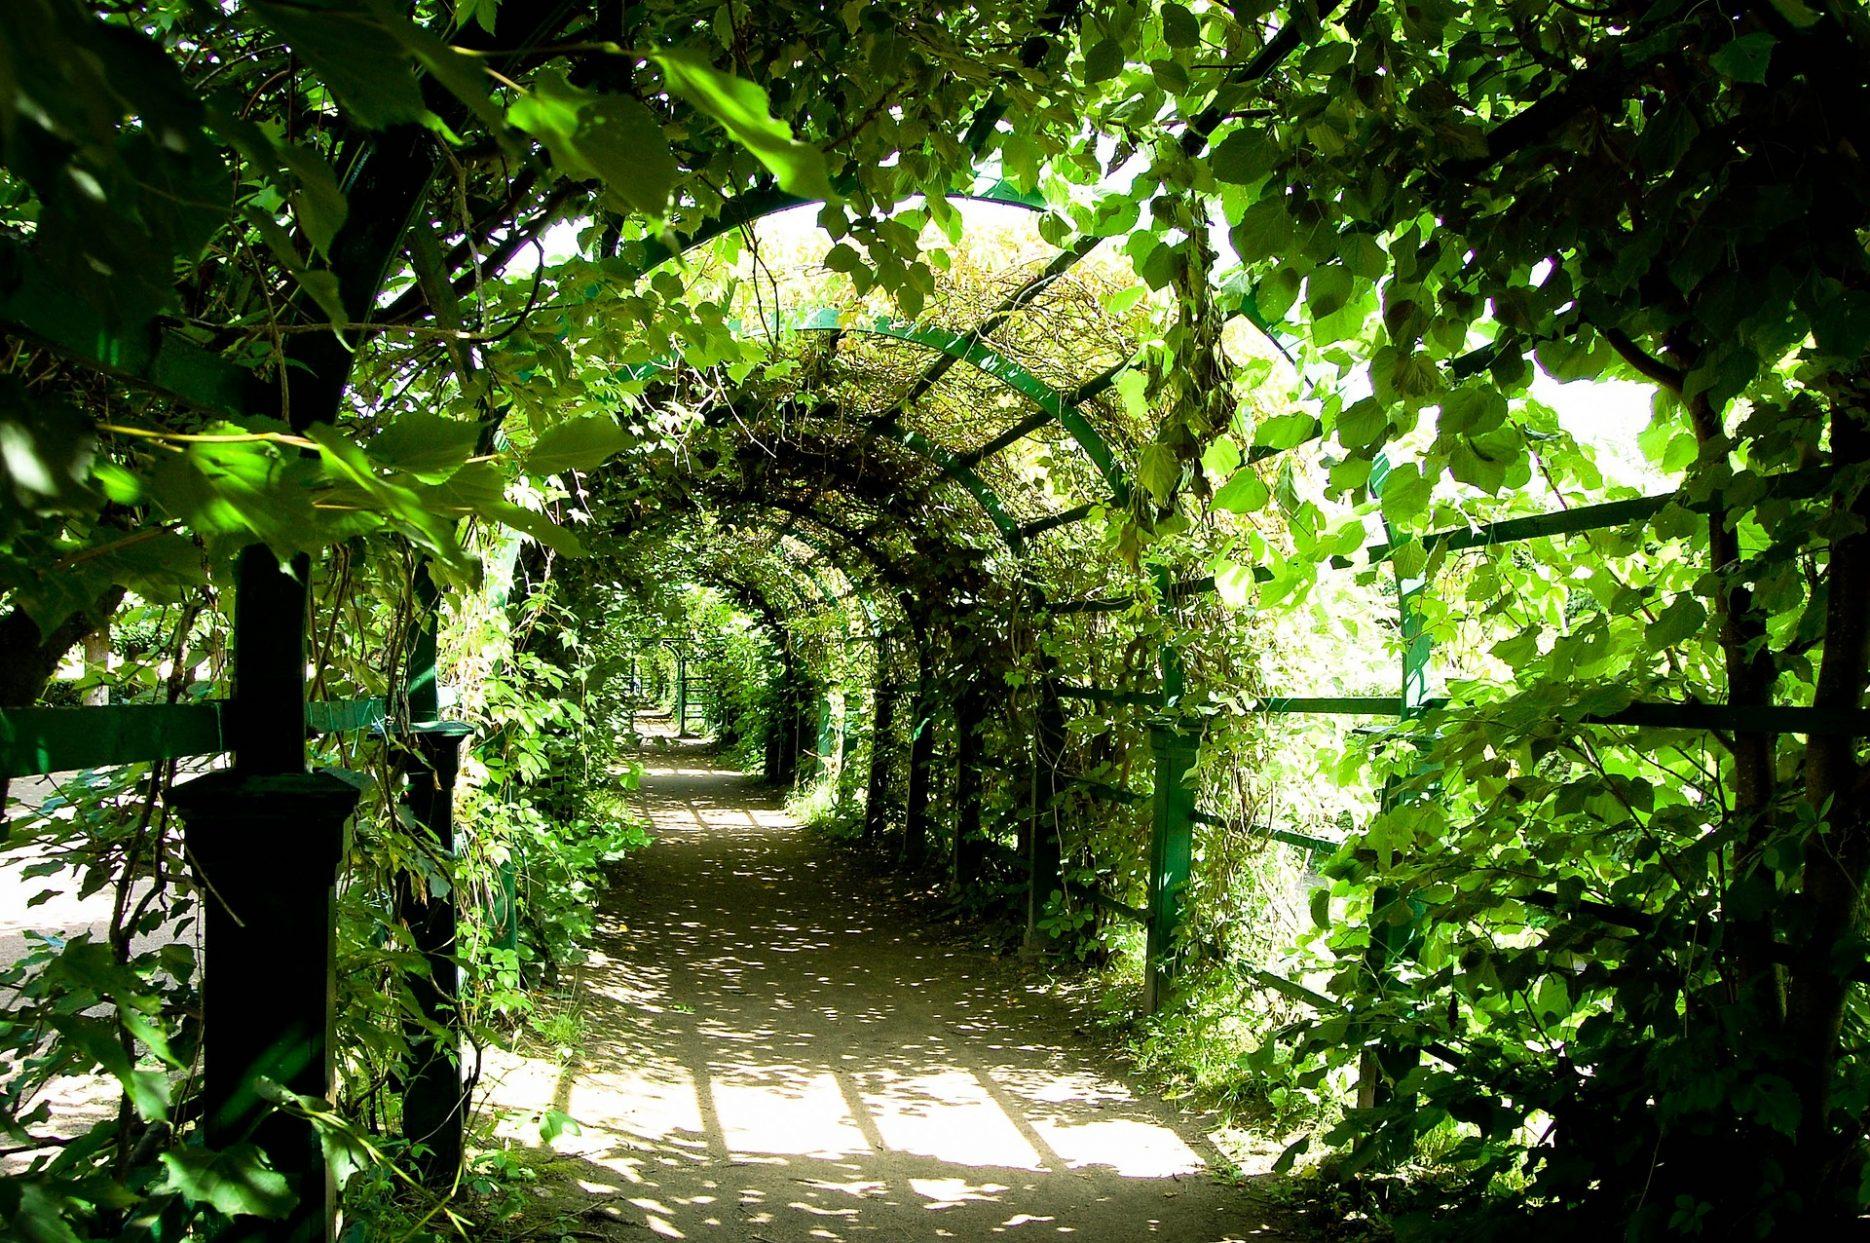 Das Bild zeigt einen von grünen Pflanzen bewachsenen Gang im Freien, es ist nicht genau erkennbar, wo der Gang hinführt.